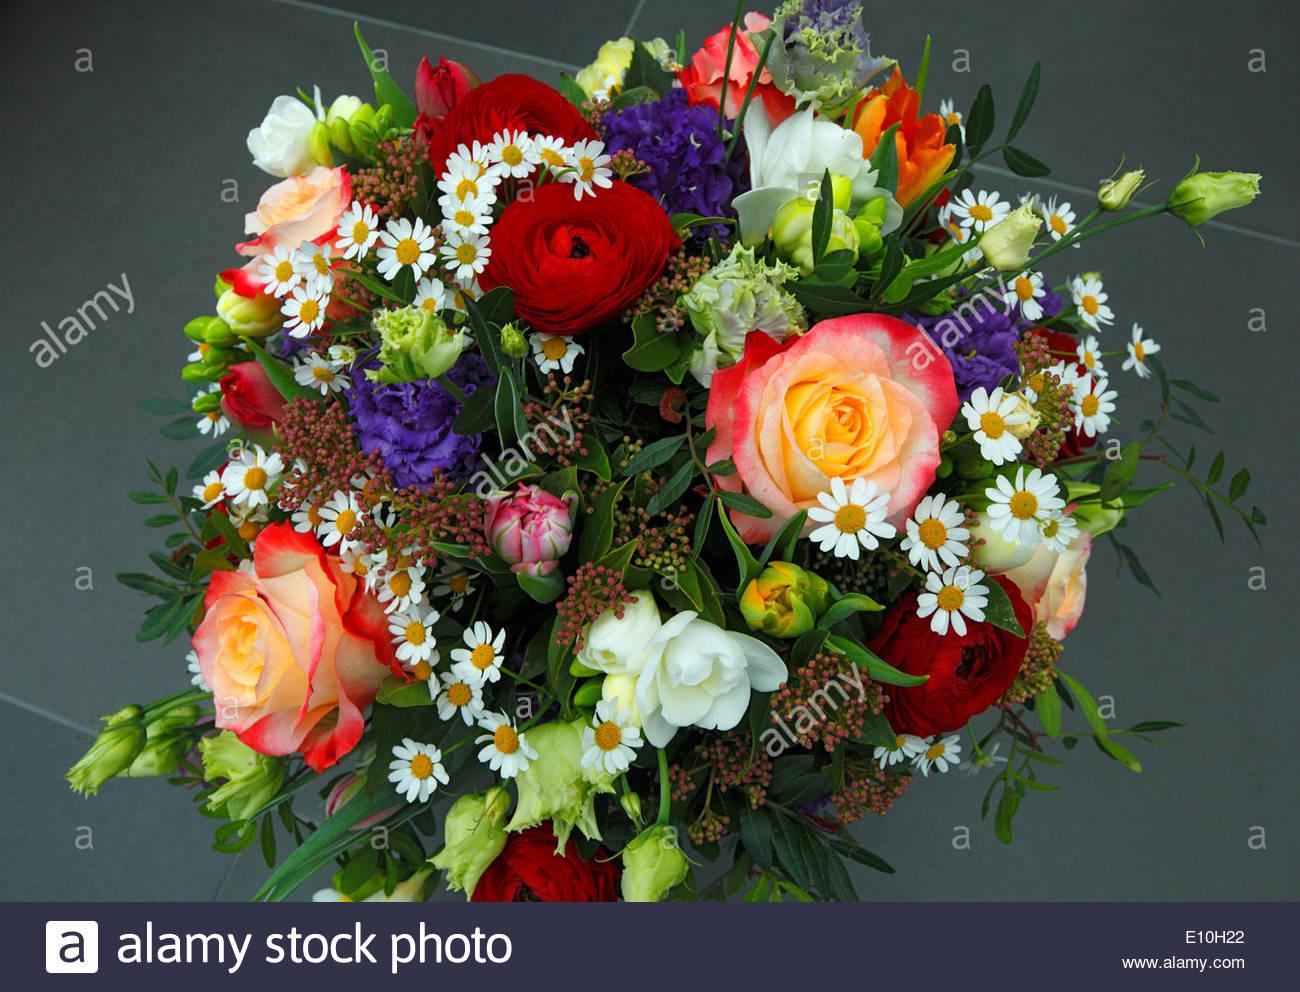 Geburtstagsbilder Blumenstrauss  Natur Pflanzen Blumen Haufen von Blumen Geburtstag